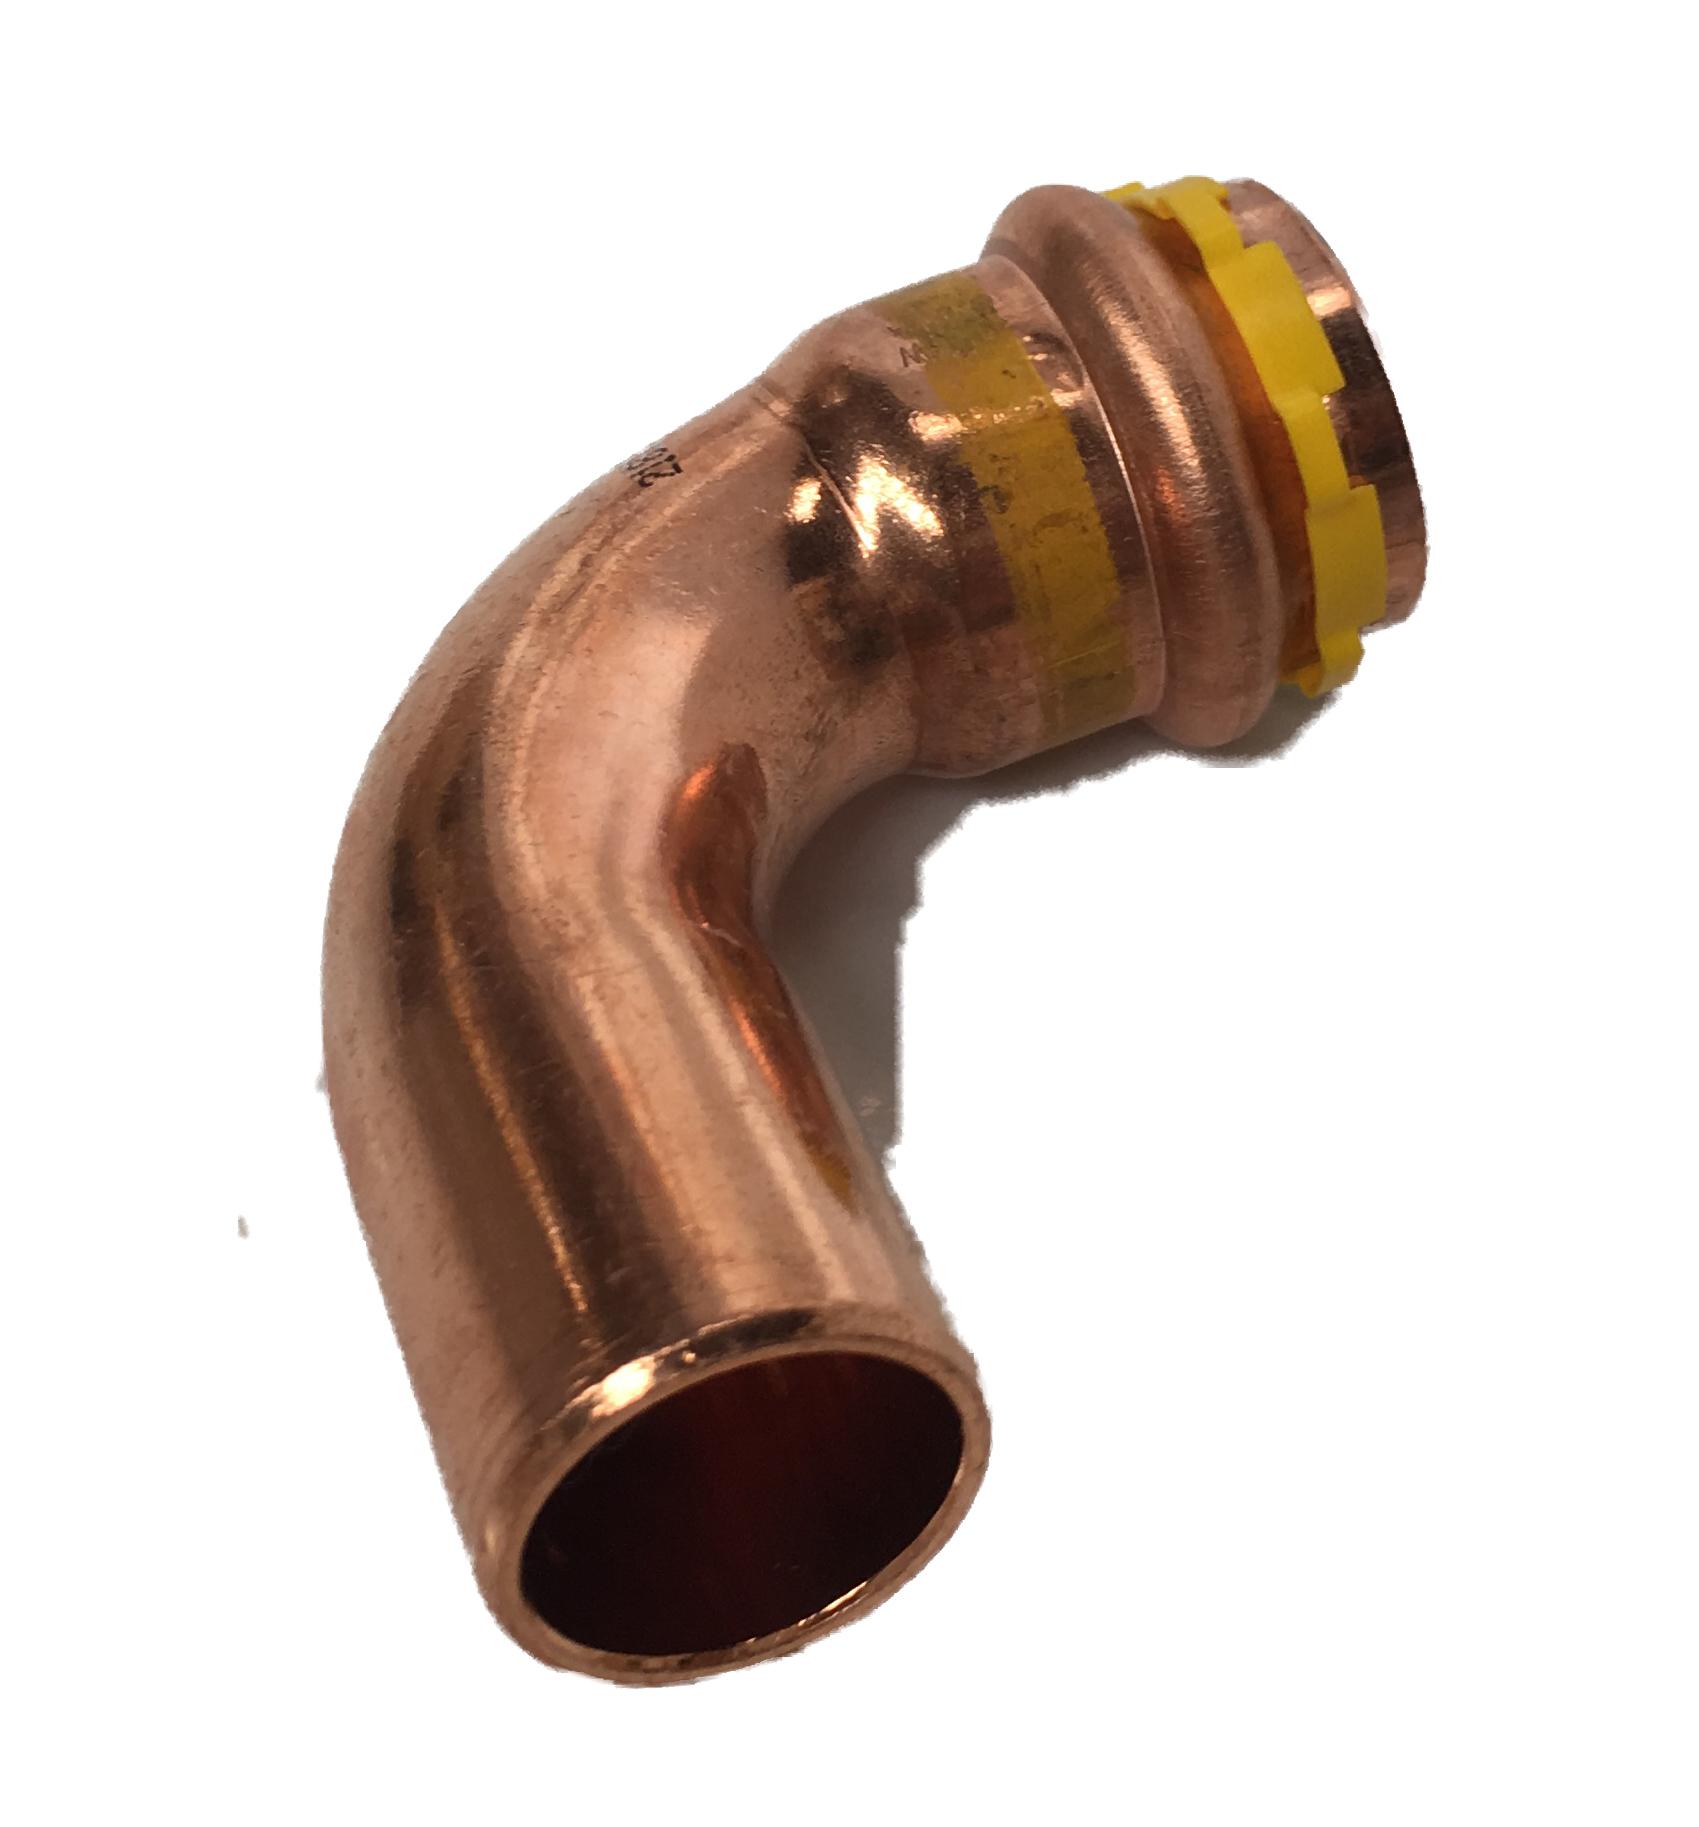 Copper Sudopress Press Bend for GAS 28x28 V-profile